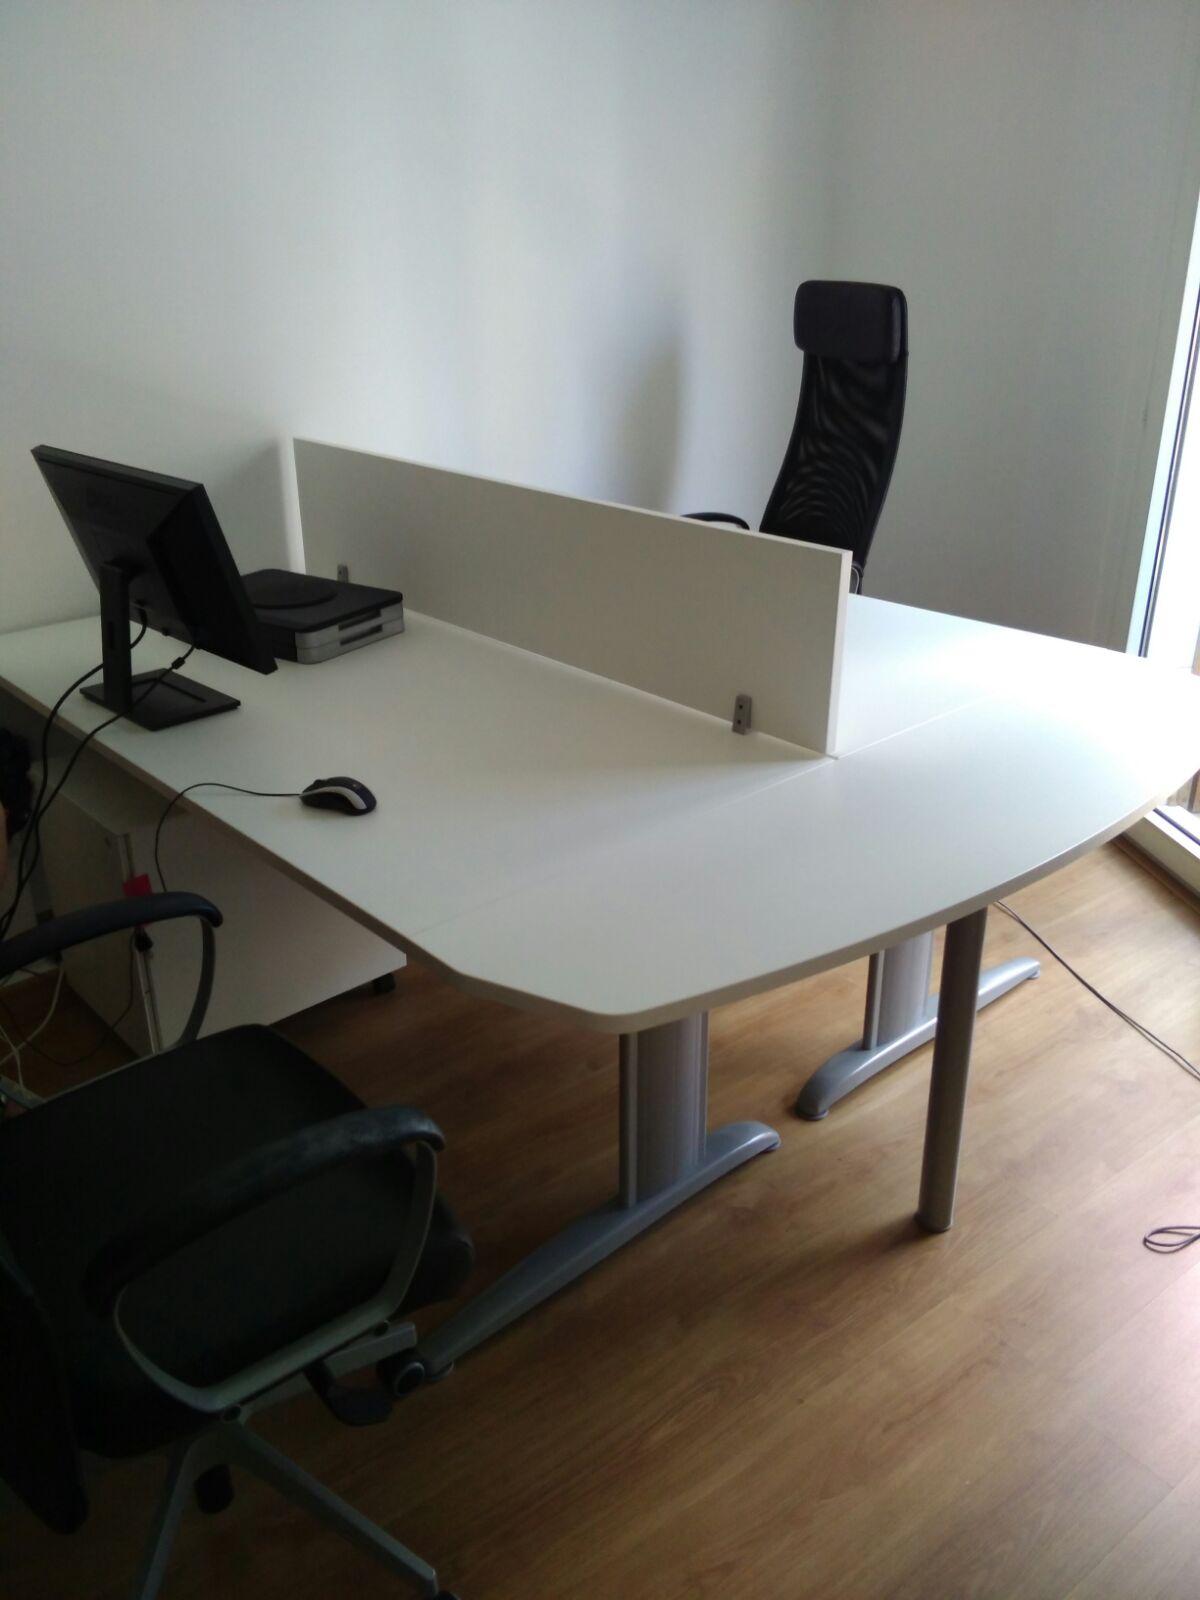 Mudanzas de oficinas en valencia mudanzas valencia cpt for Mudanzas de oficinas